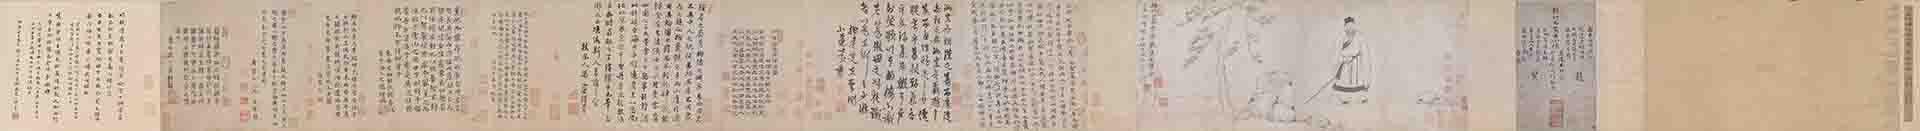 元 倪瓒 王绎 杨竹西小像(全卷)纸本27.7x86.8